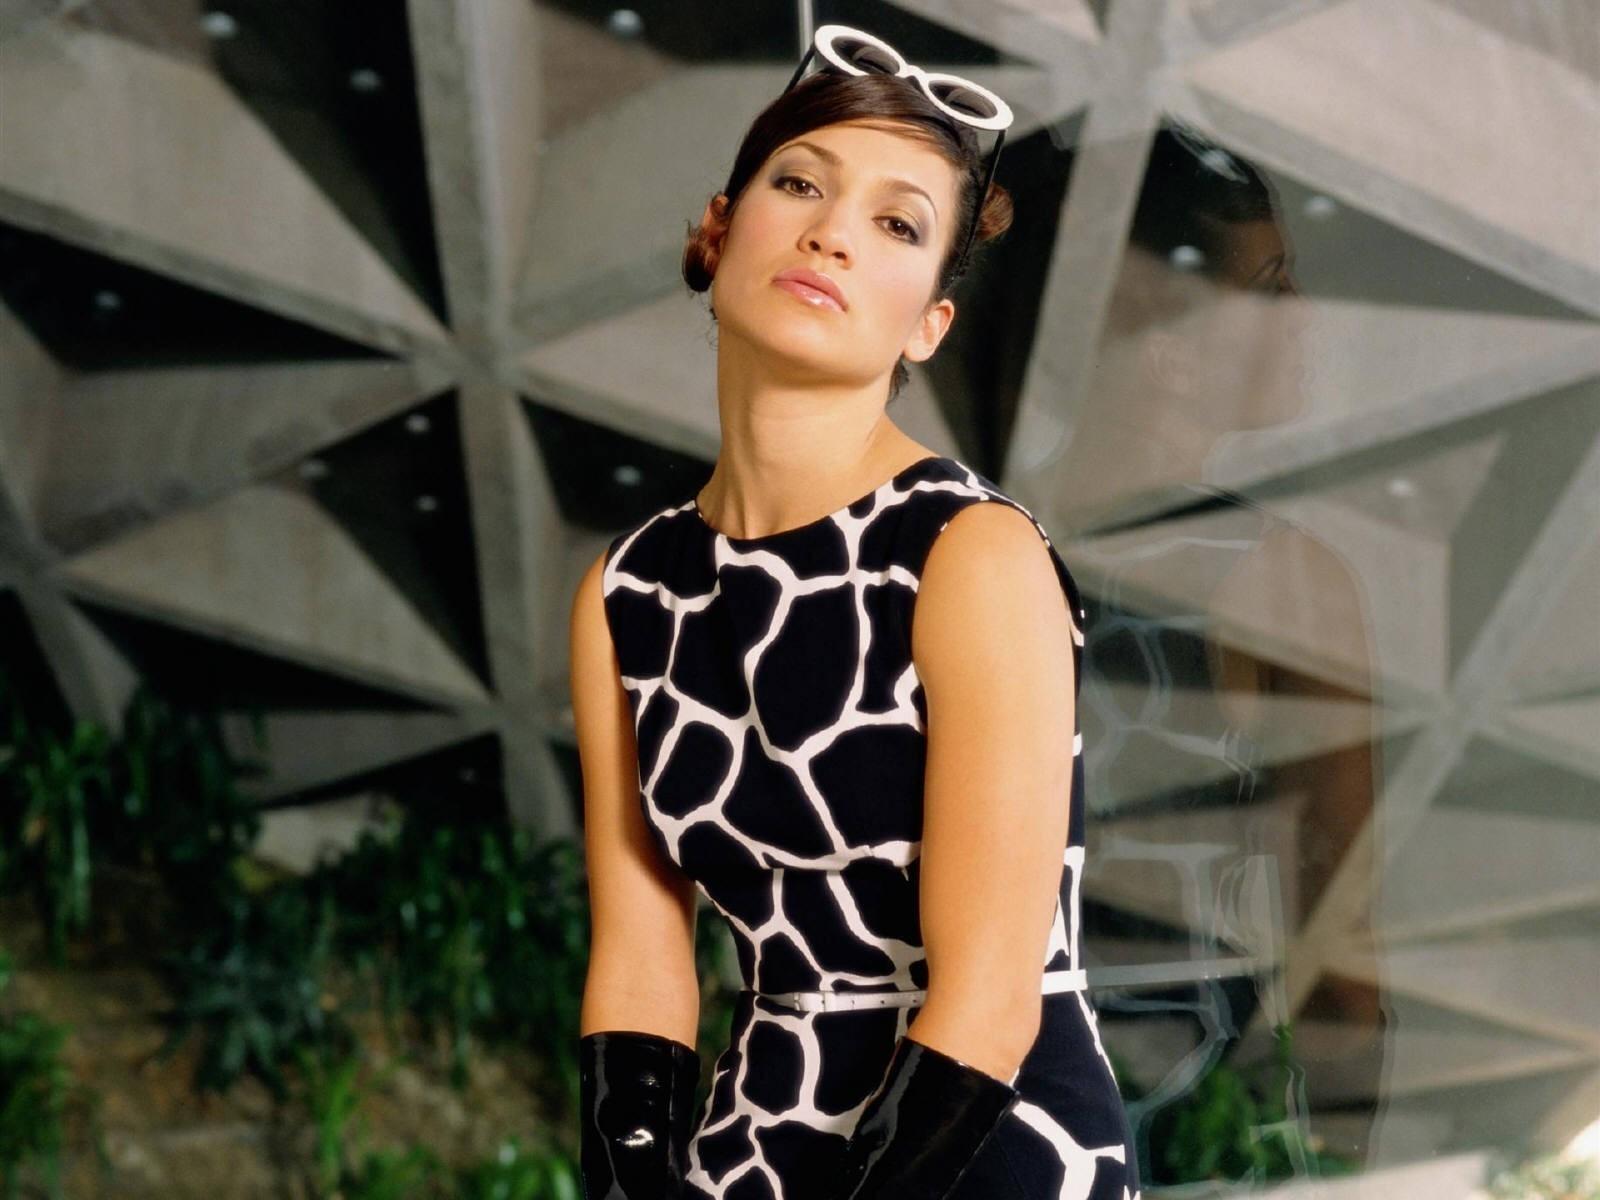 Wallpaper di Jennifer Lopez, icona del pop latino degli ultimi anni